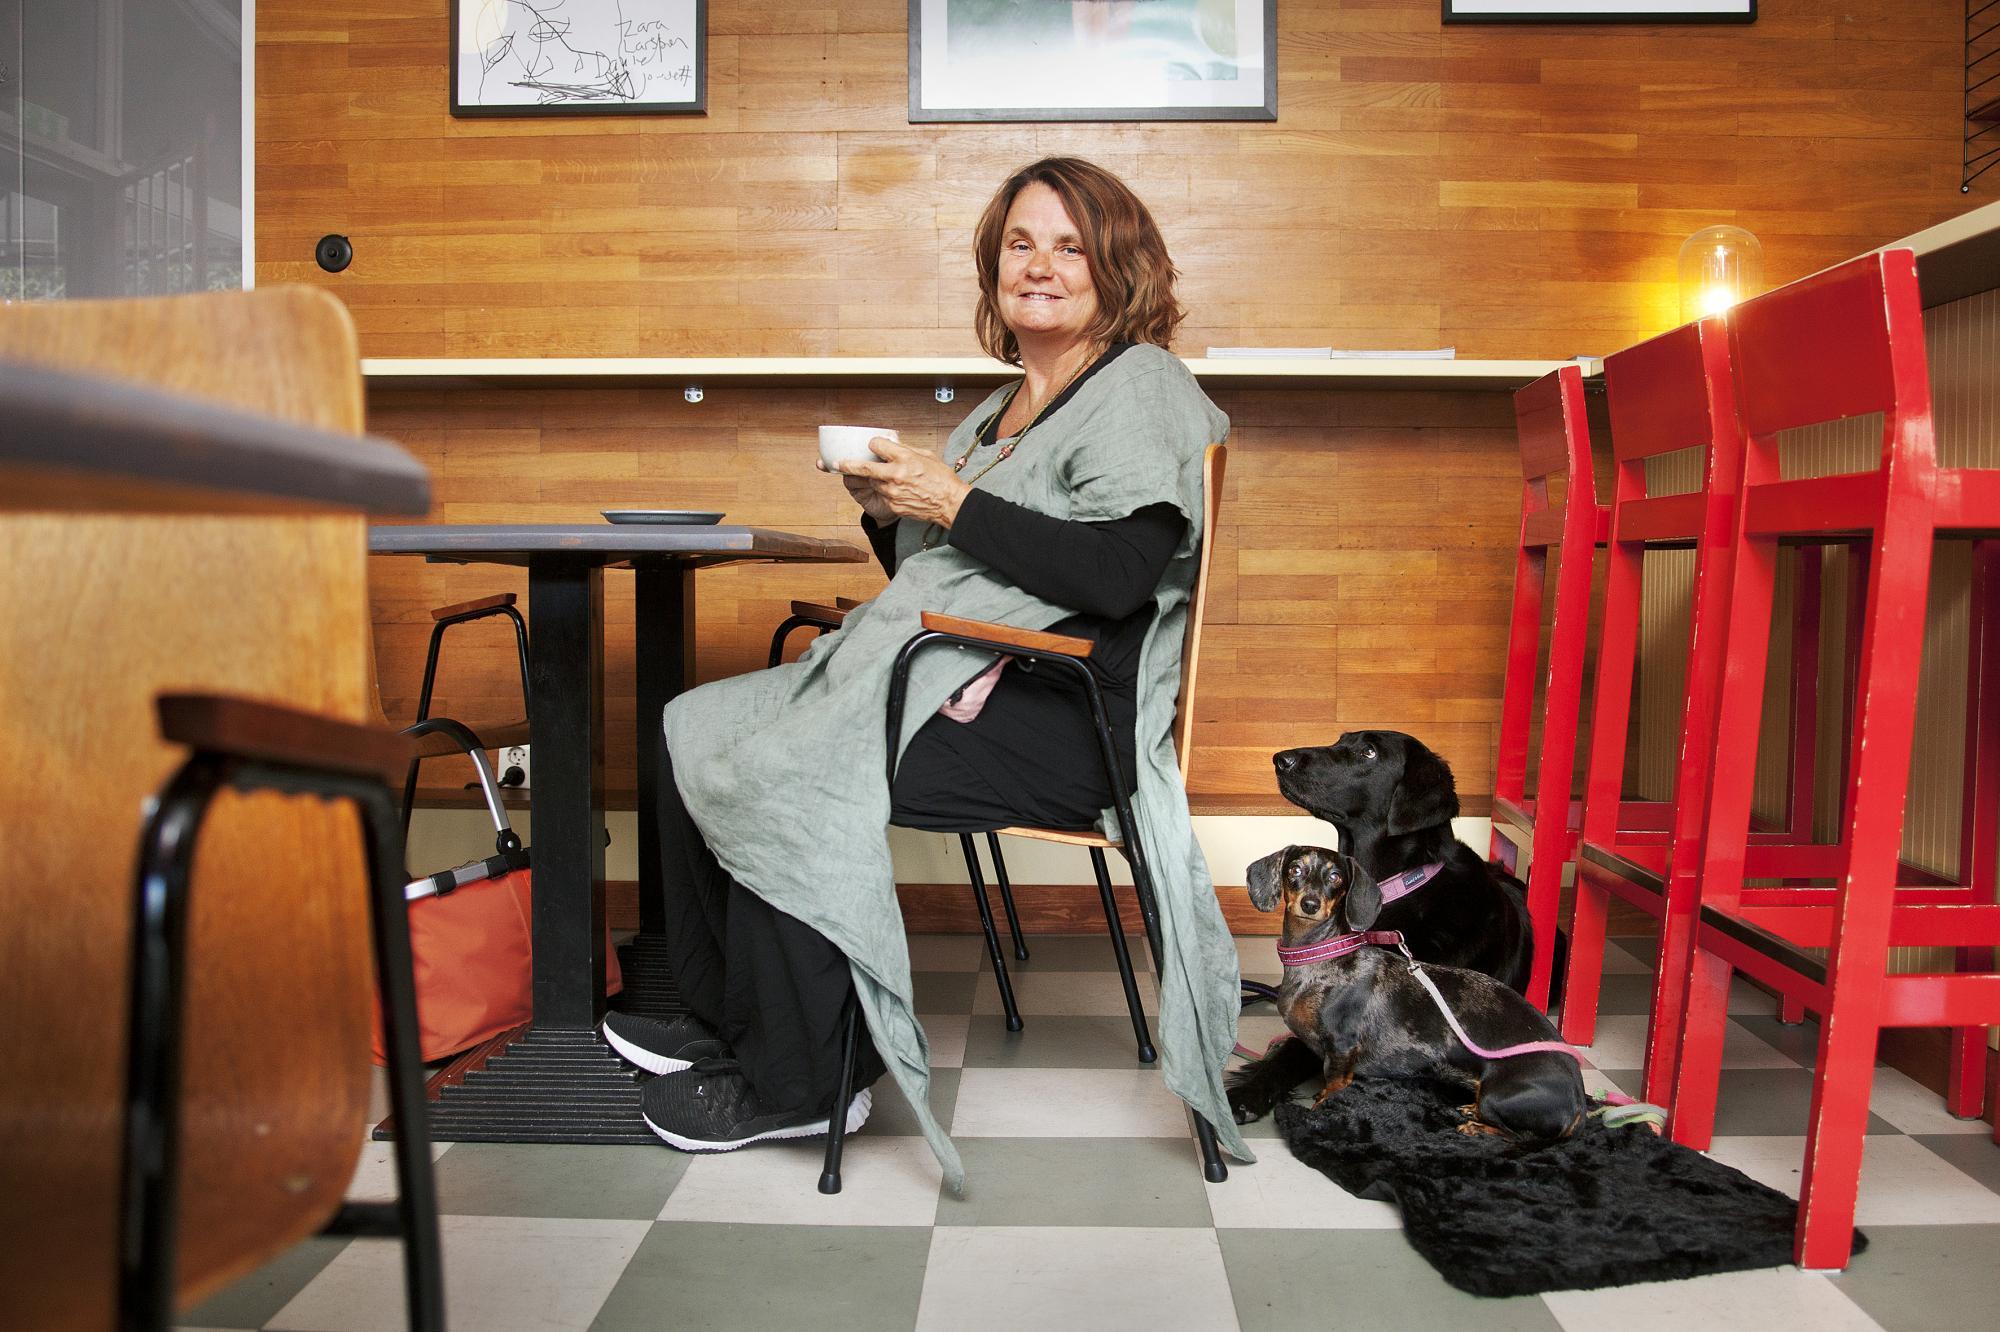 <span>Cilla Danielsson går ofta till cafét &Aring;rstabo ochfikar med sina hundar. Cafétvälkomnar hundar och påsamma plats har Cilla även arrangerat soppluncher för hundar och deras ägare.</span><span>Cilla som är vegetarian tar gärna kaffe, en smoothie, bulle eller kaka när hon fikar.</span>